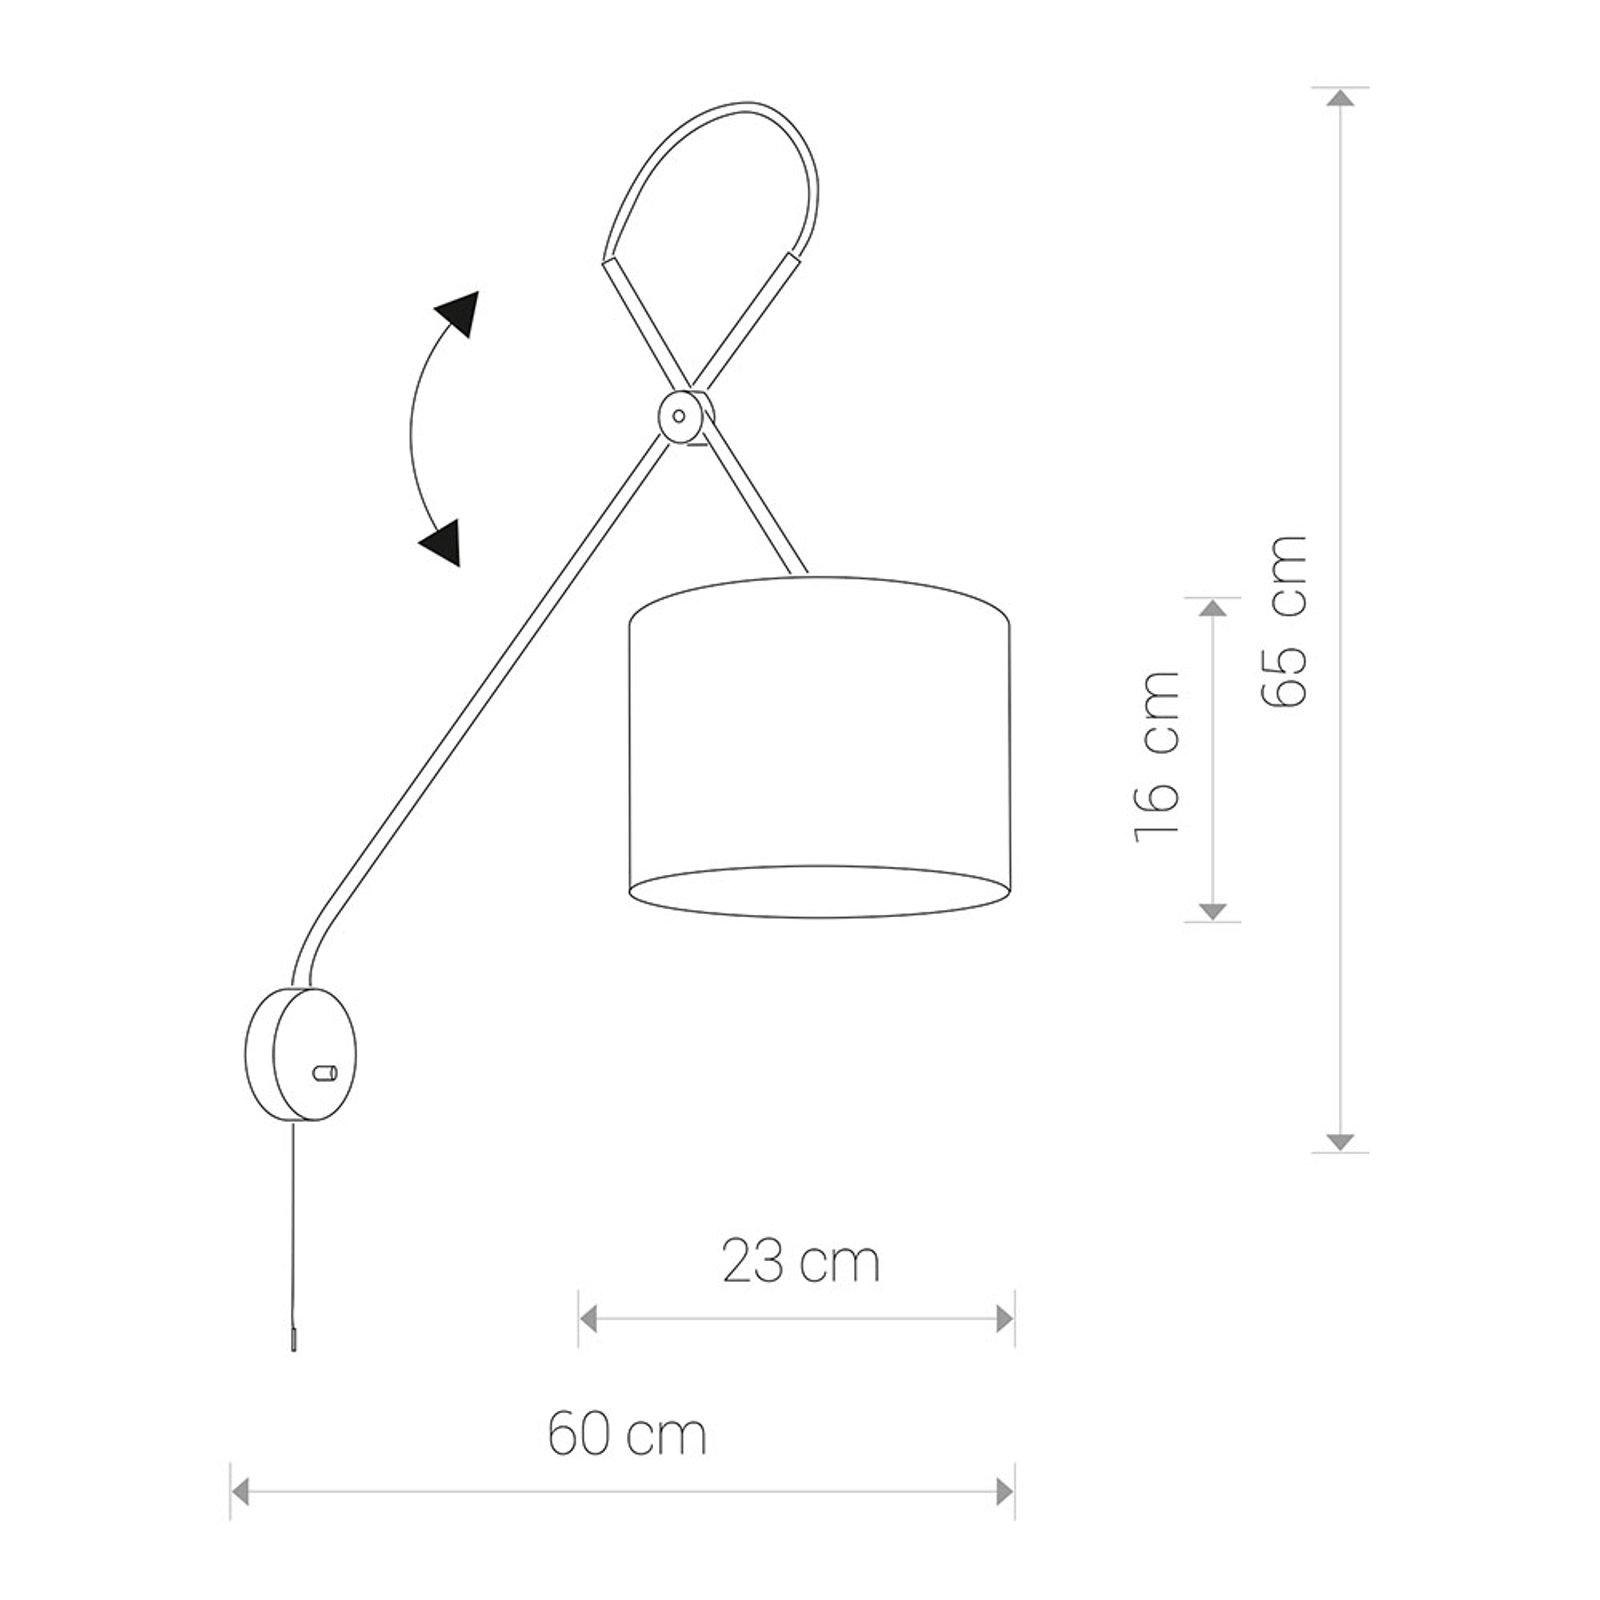 Vegglampe Viper med fleksibel stamme, svart